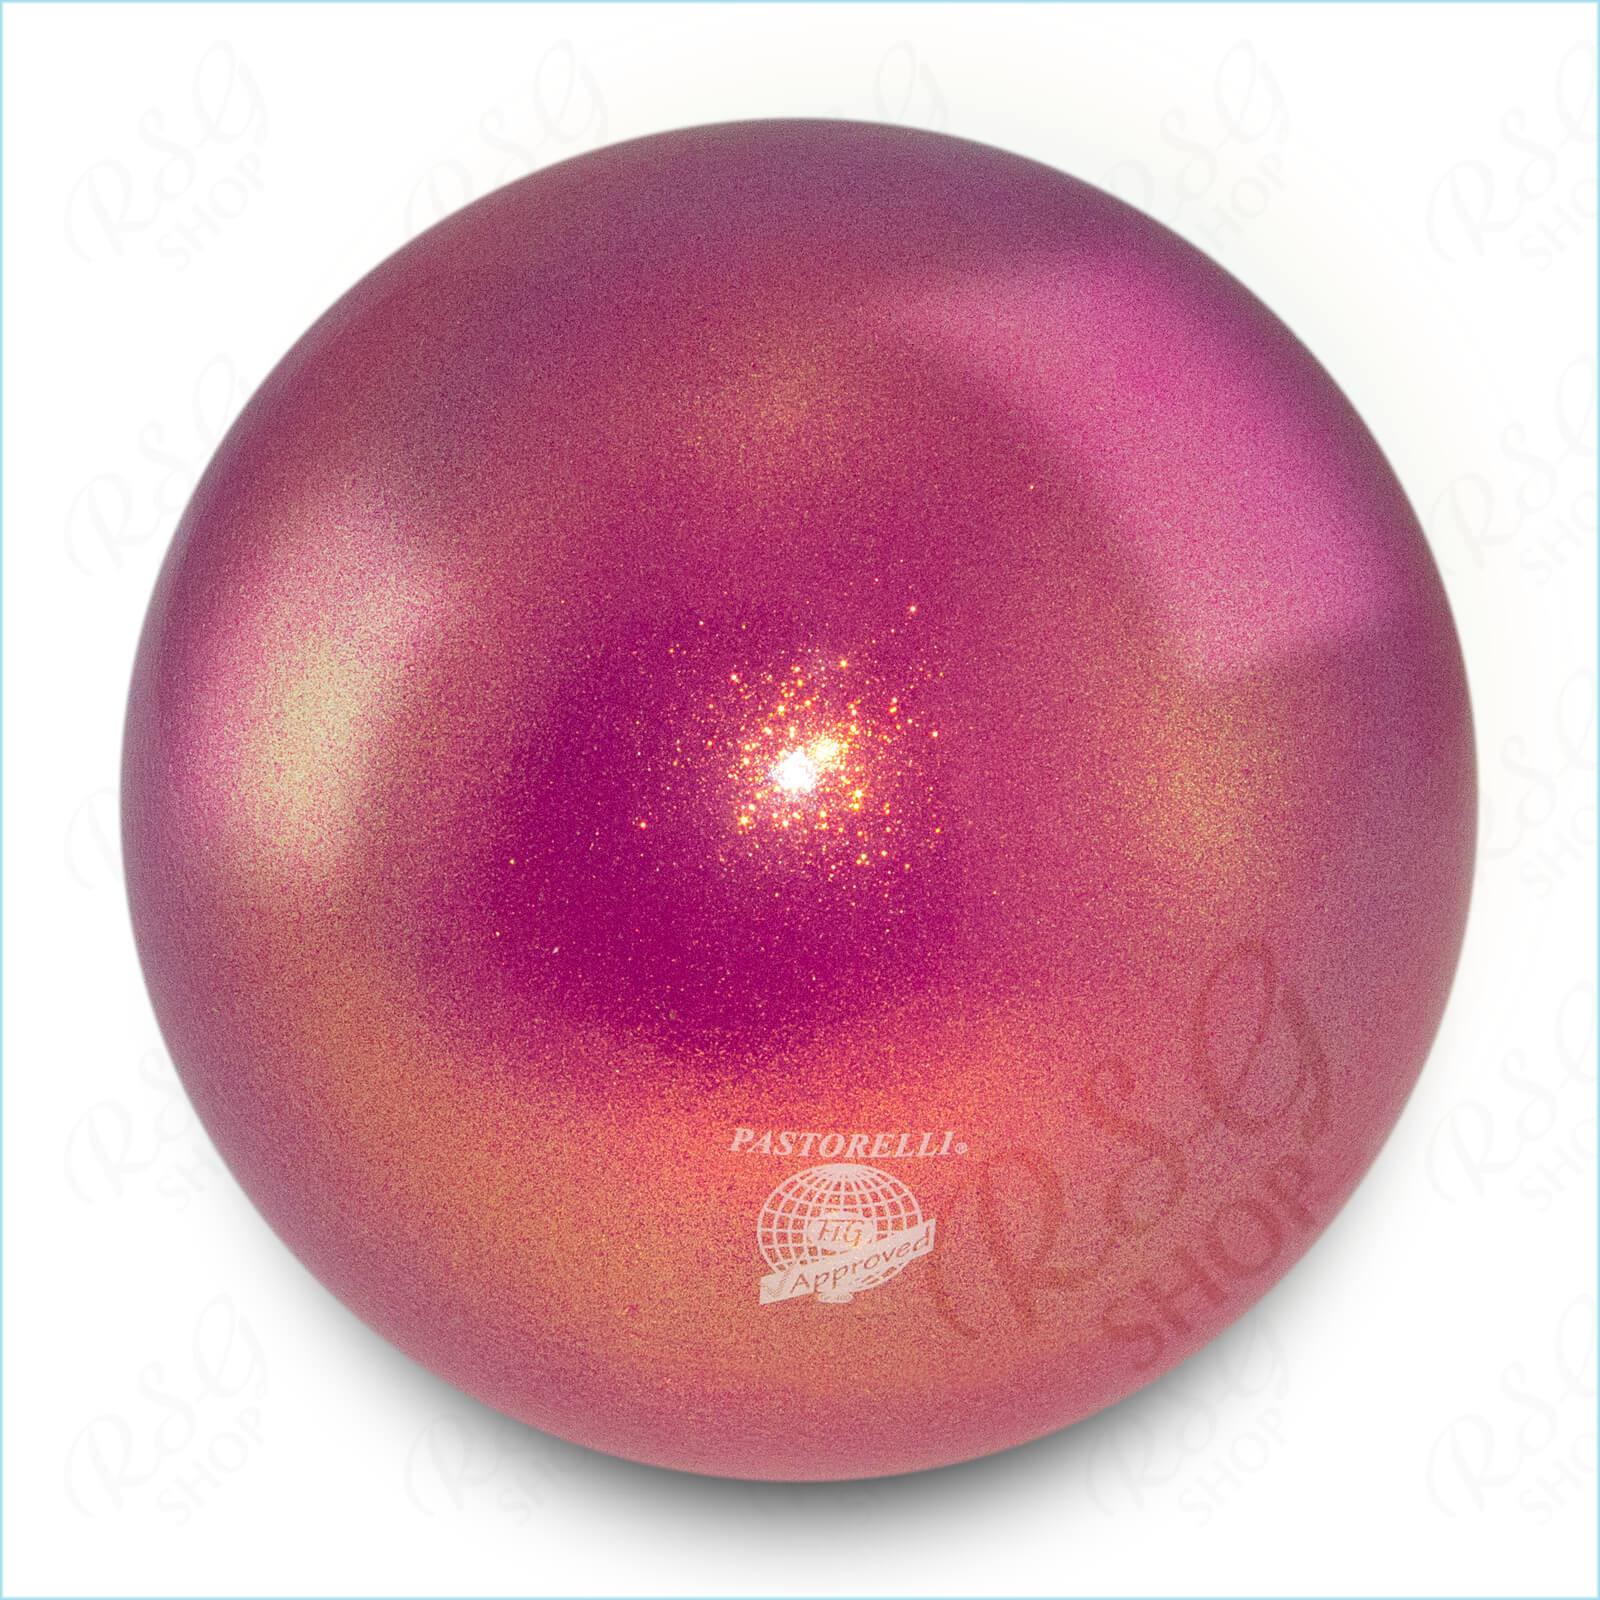 Мяч 18 см Pastorelli HV цвет Пурпурный Артикул 00037